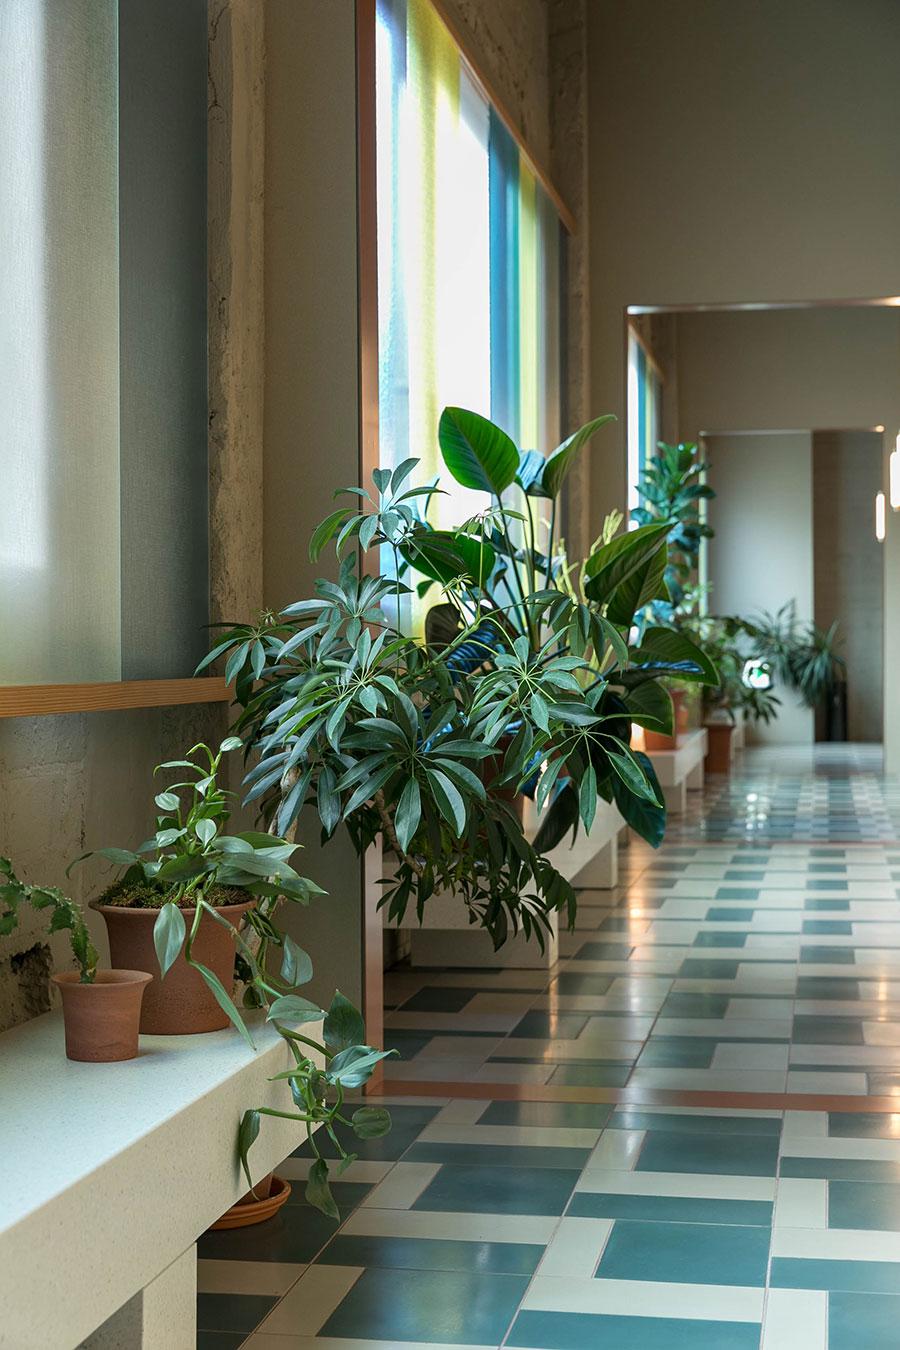 廊下はホテル内のバルコニーという位置づけ。CKRオリジナルデザインのベンチの上に植物を飾る。上に伸びる植物、倒れるように葉を茂らせるもの、葉の大きさや色のバランスを見ながら配置を決めていく。